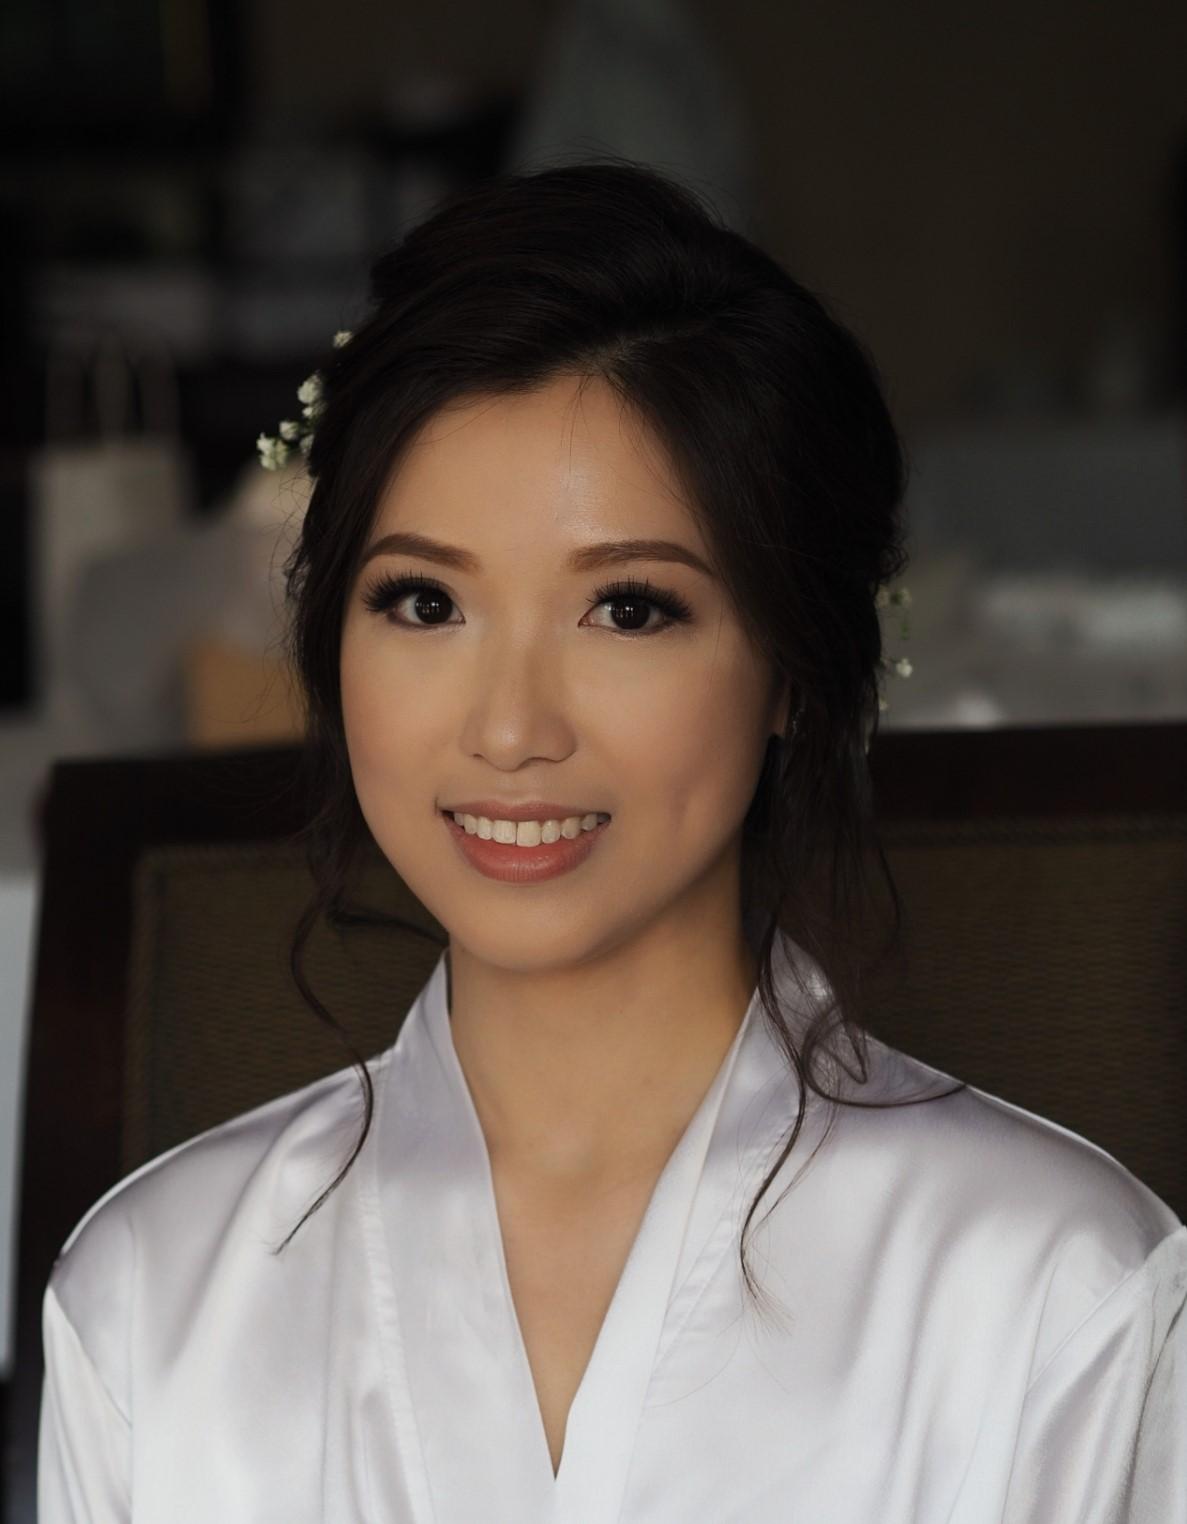 Chinese bridal makeup lashes Vaughan